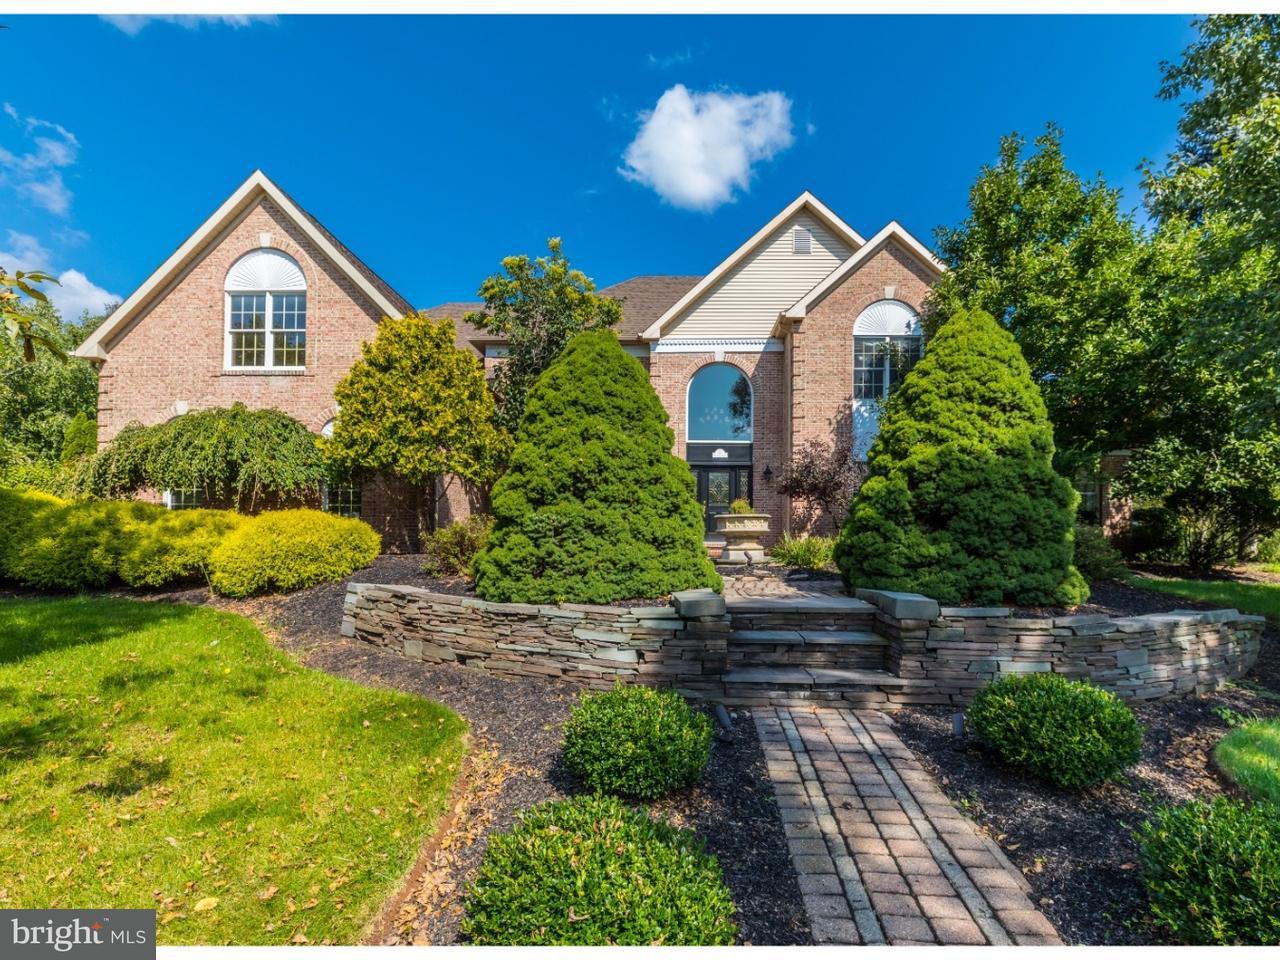 独户住宅 为 销售 在 91 SOUTHFIELD Drive Belle Mead, 新泽西州 08502 美国在/周边: Montgomery Township